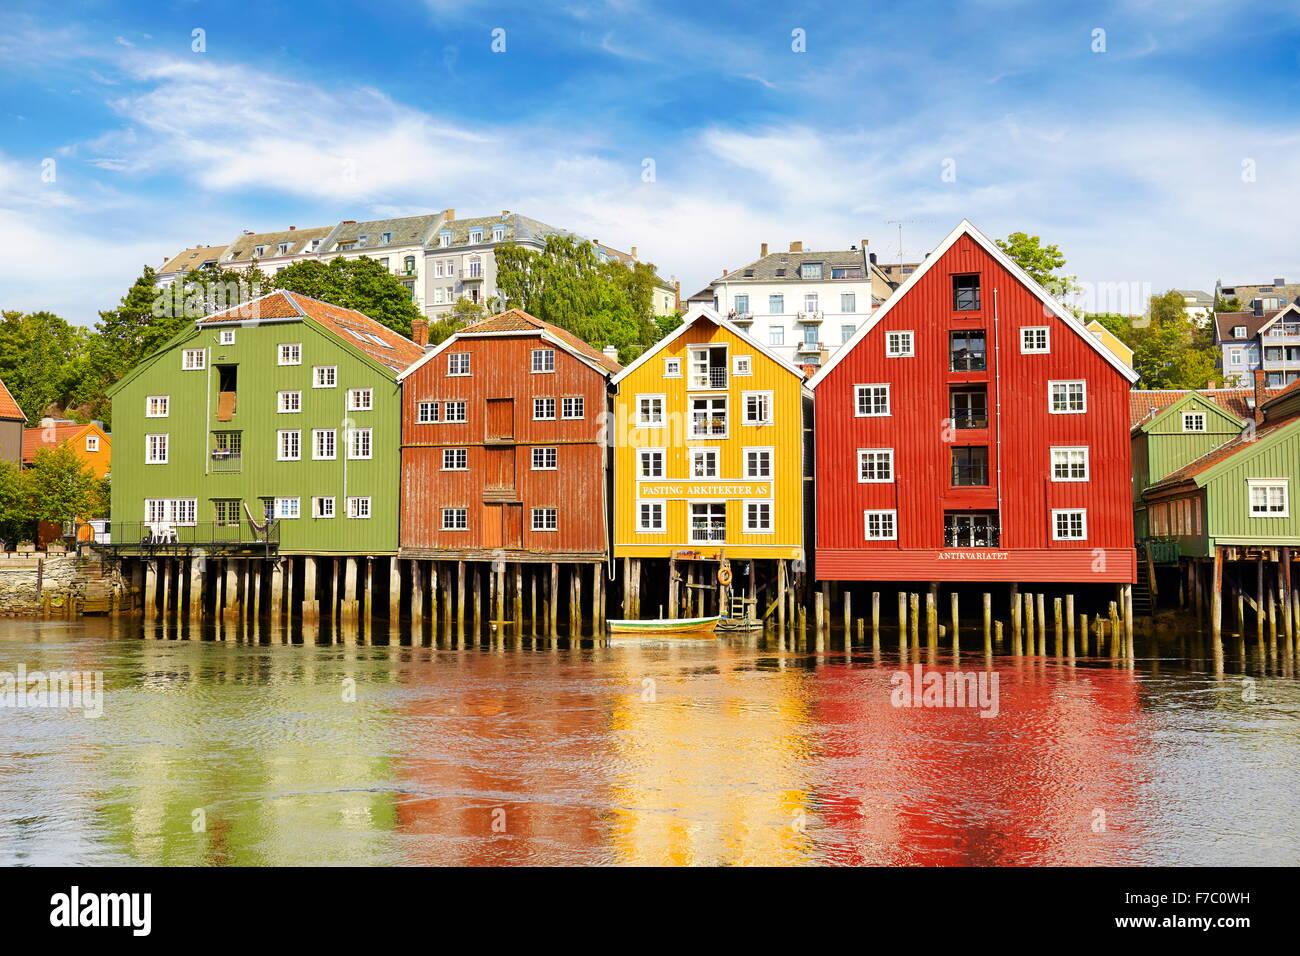 Historique maisons colorées de stockage à Trondheim, Norvège Photo Stock